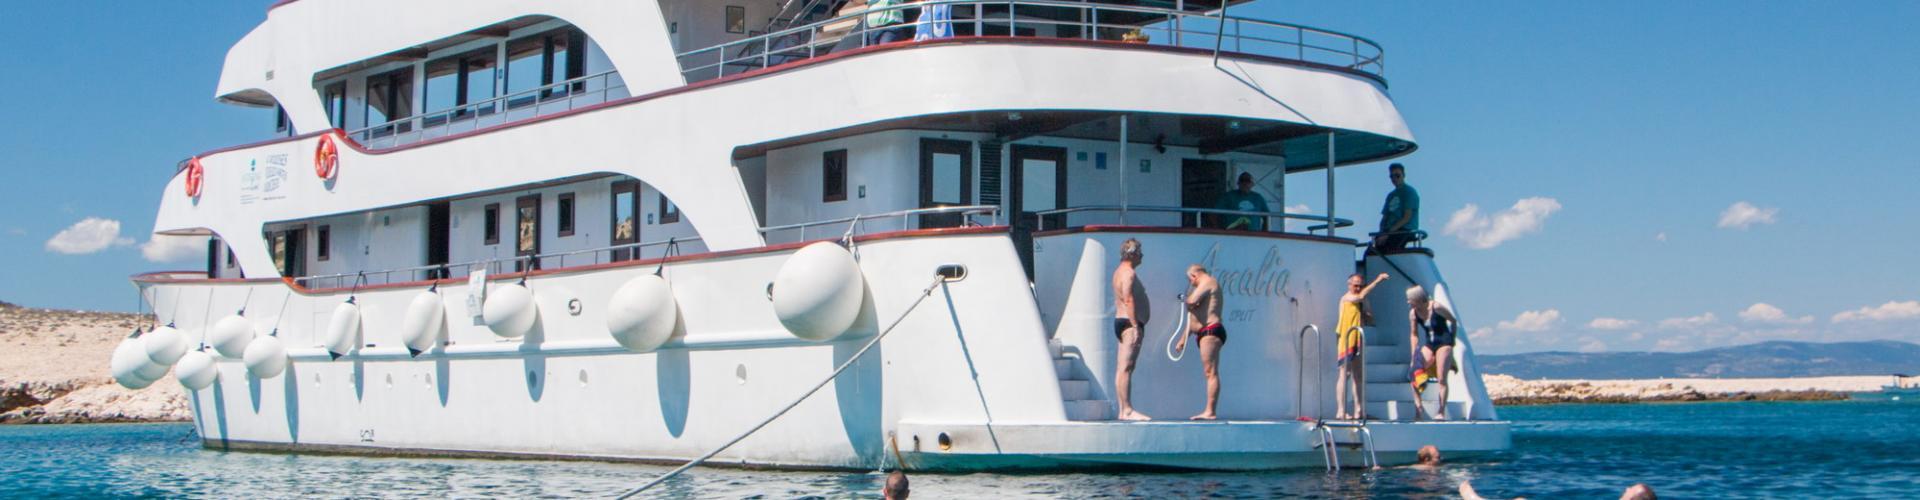 2013. Premium Superior nave da crociera MV Amalia